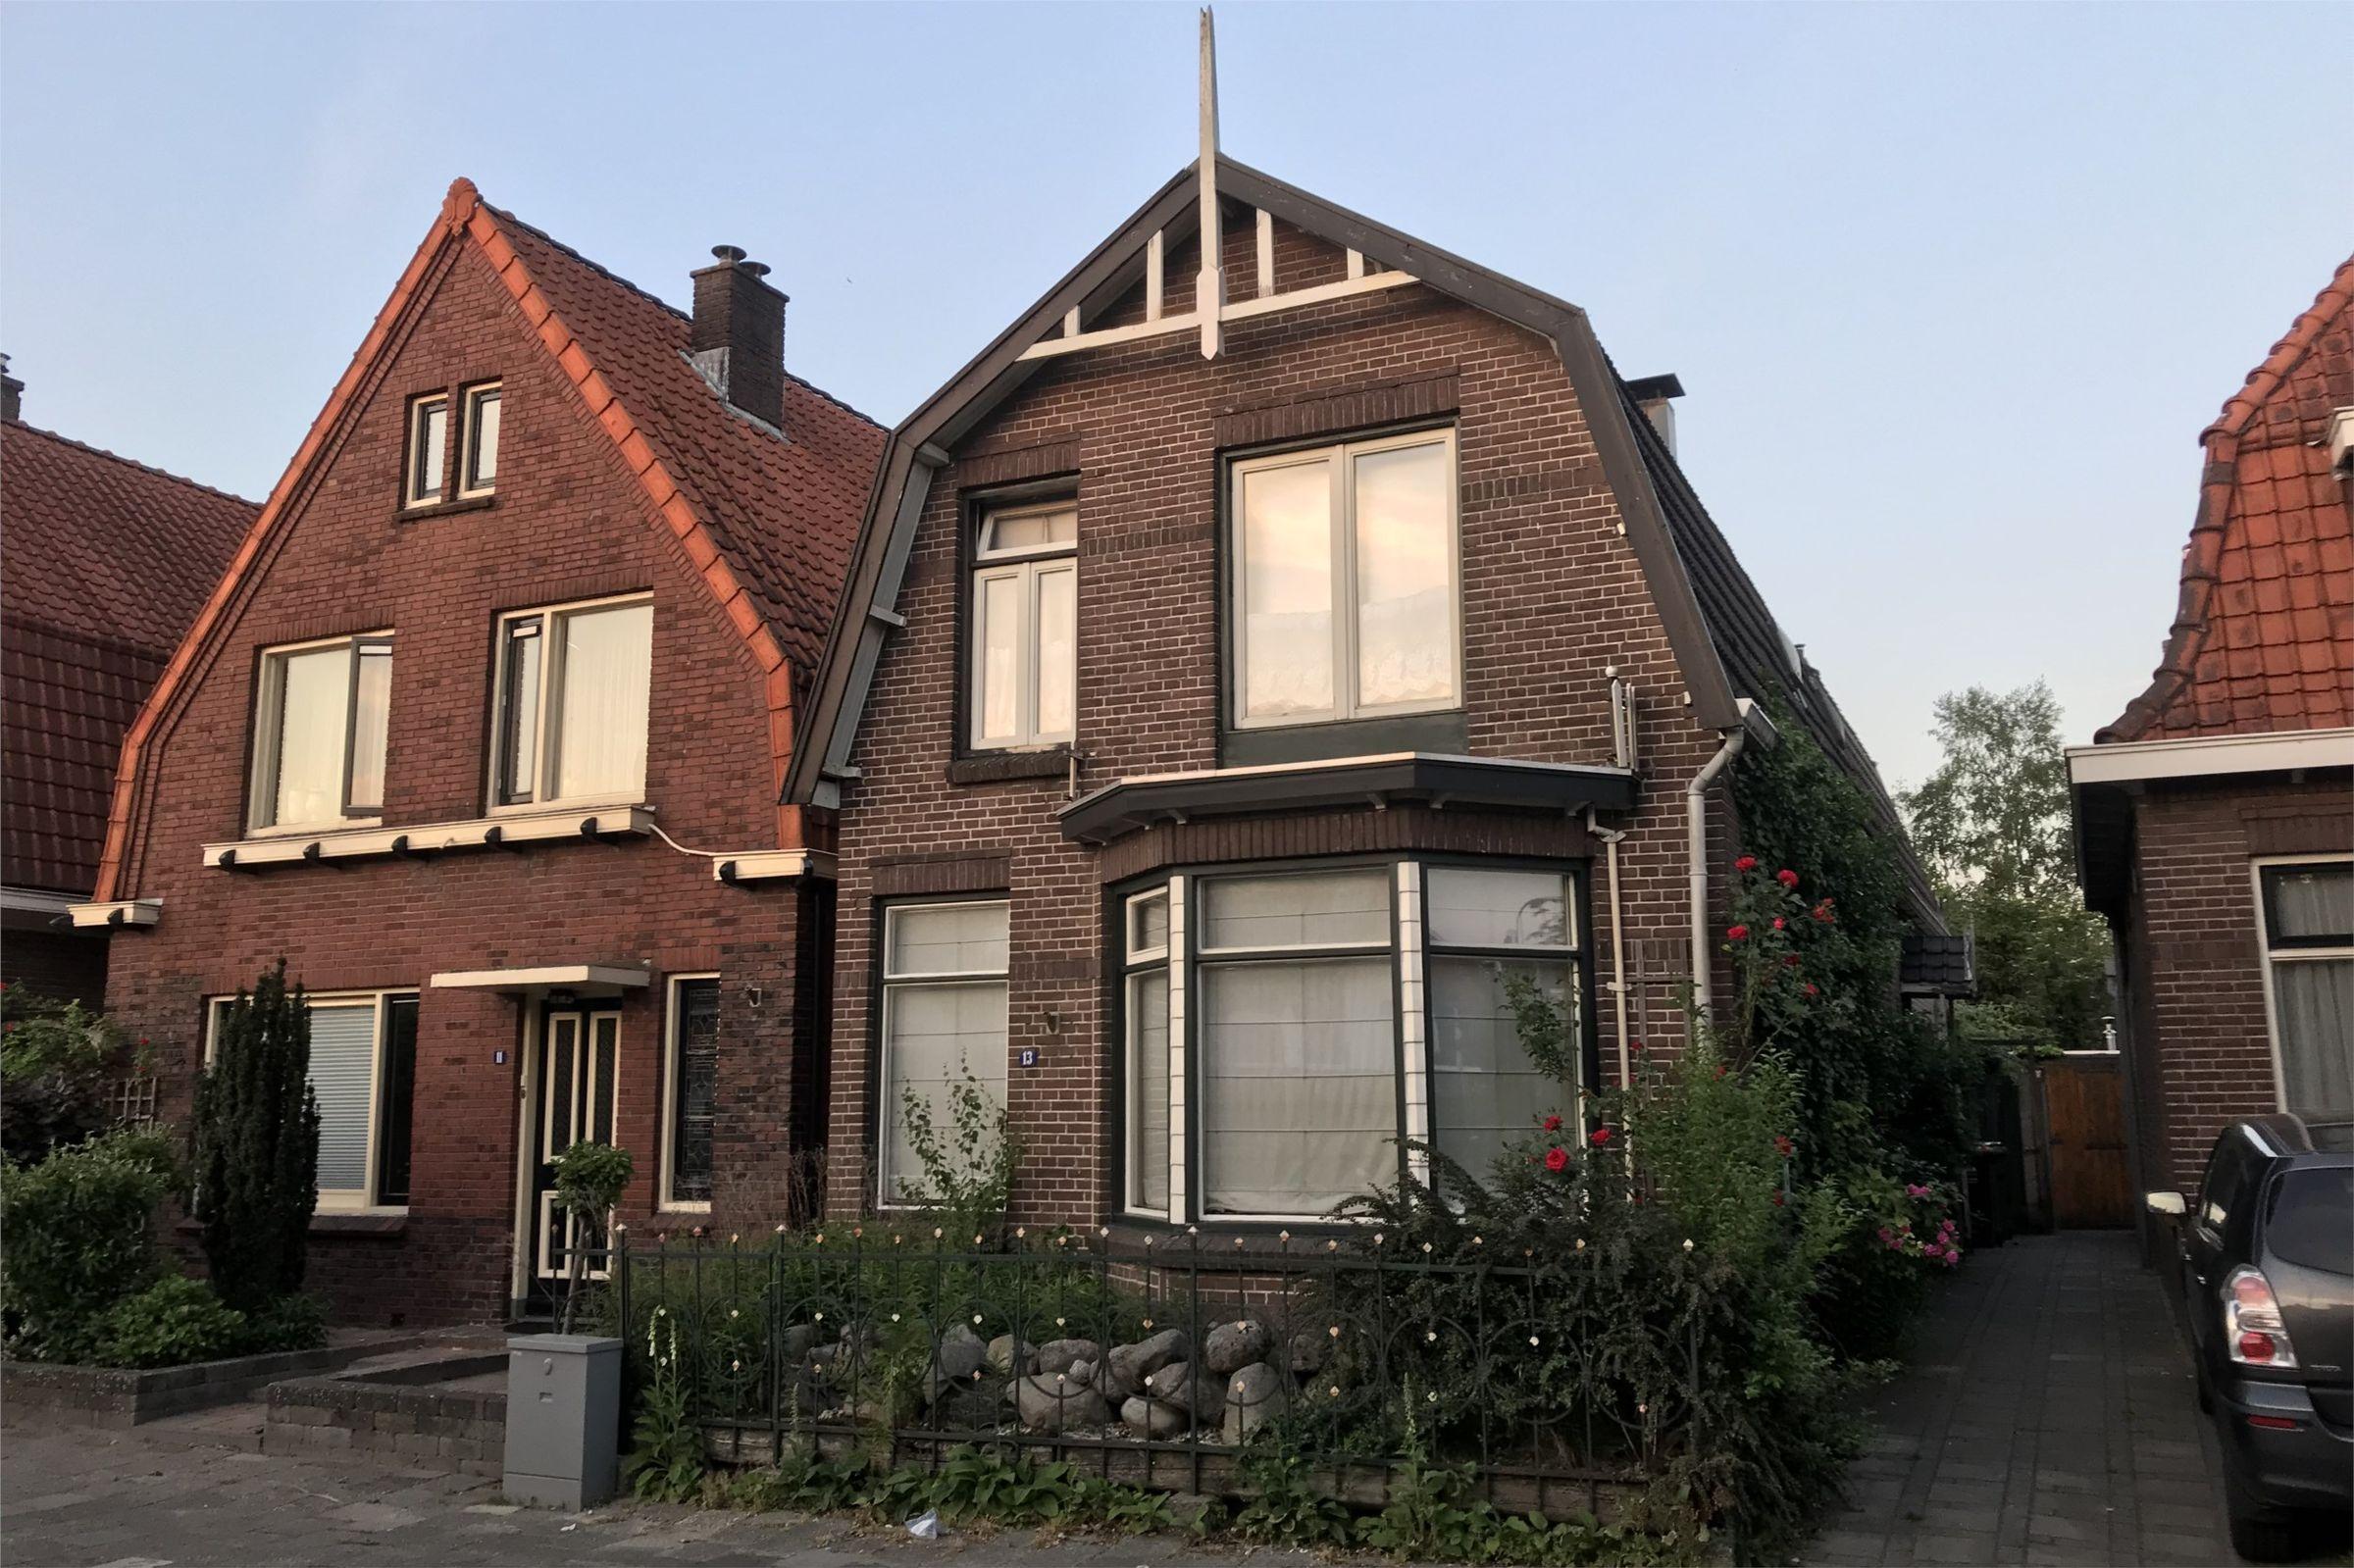 Julianastraat 13, Hoogeveen